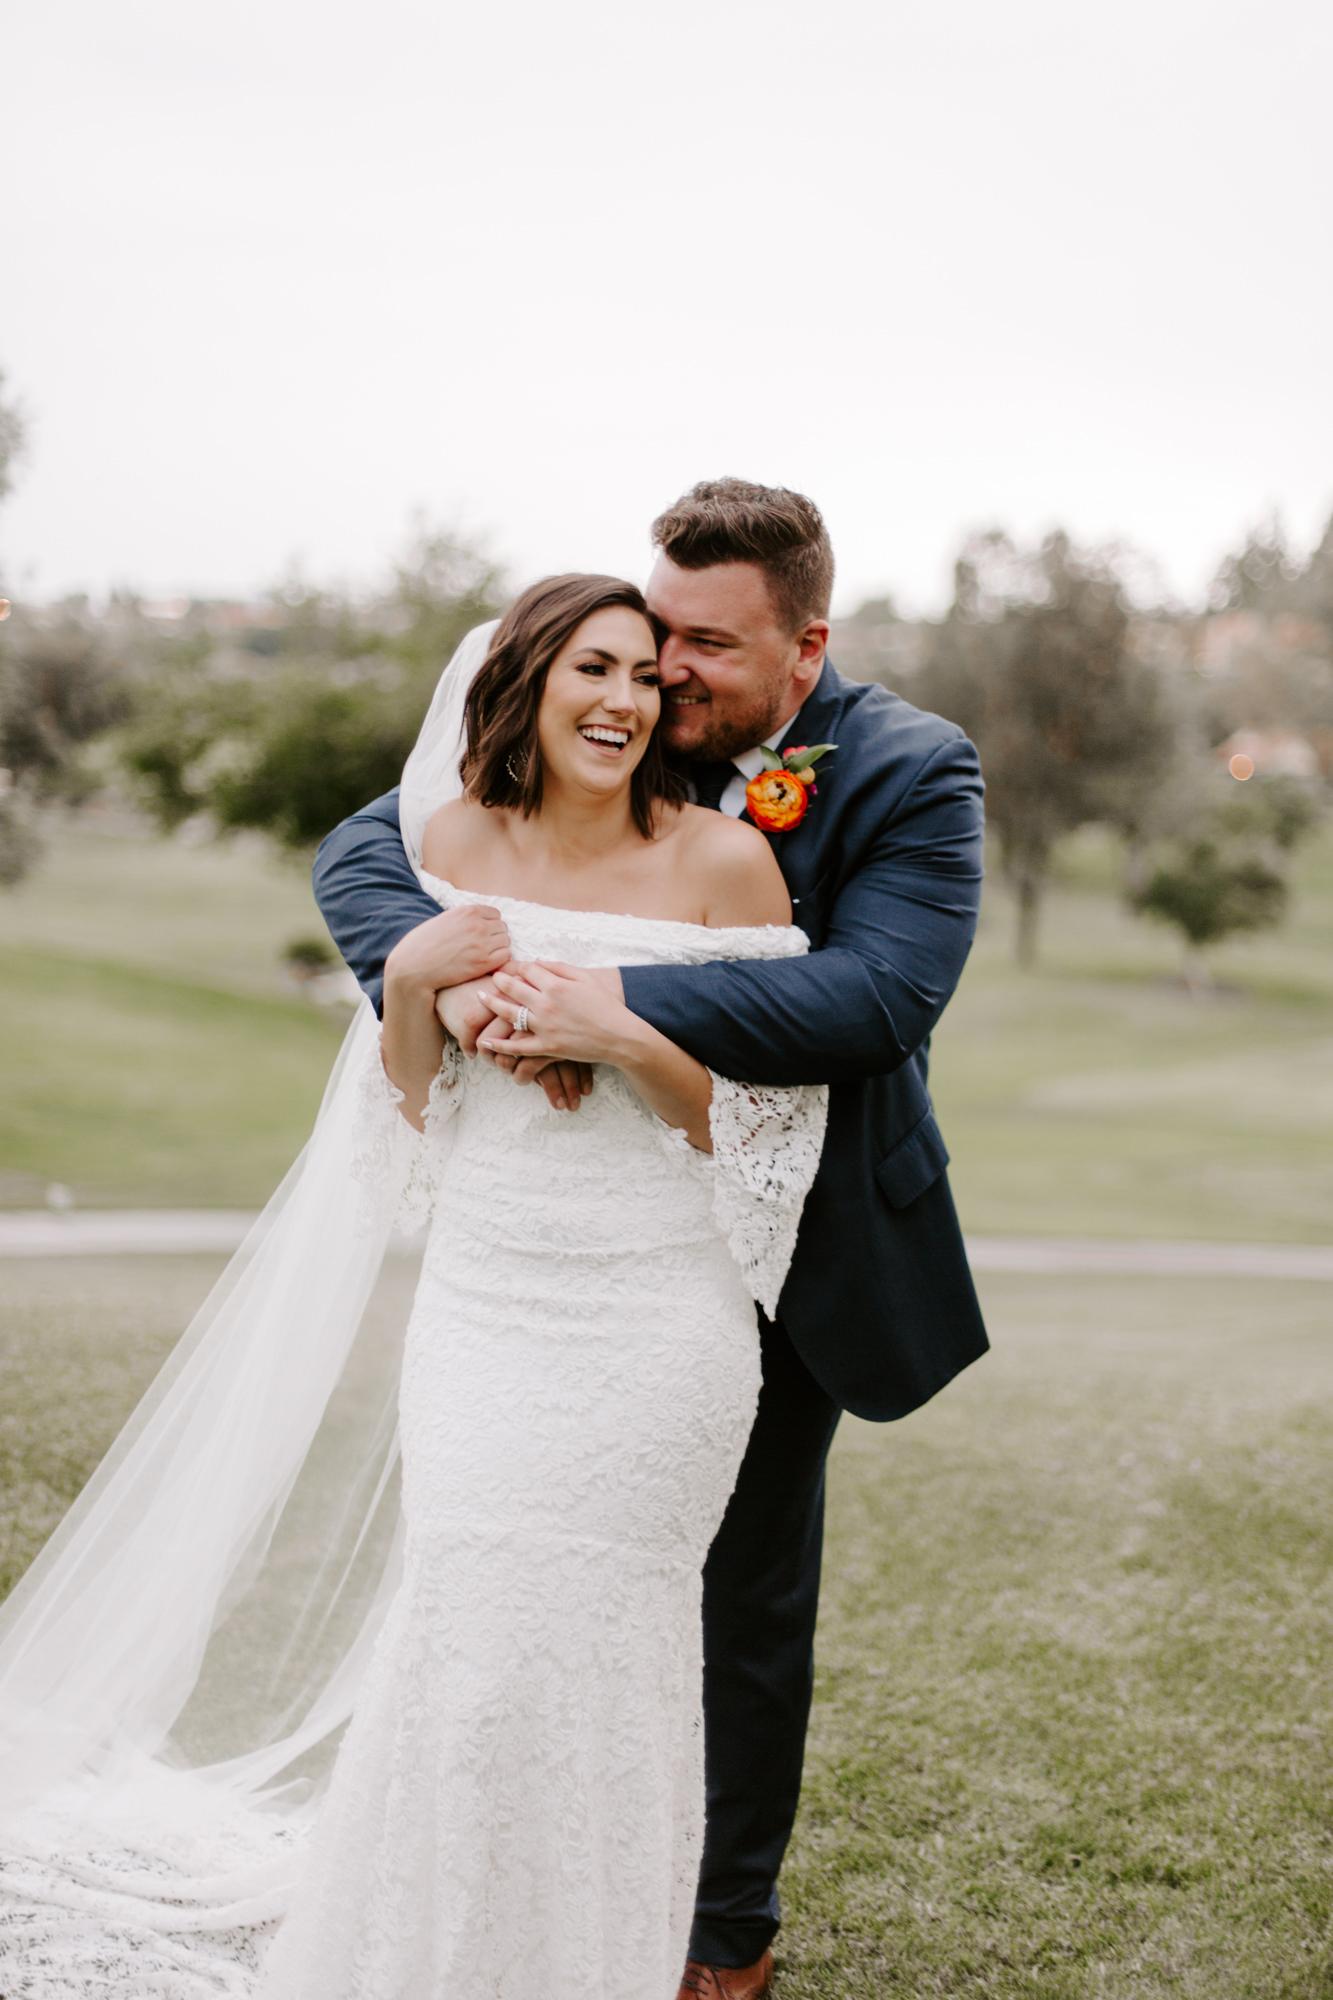 Rancho bernardo Inn san deigo wedding photography0075.jpg